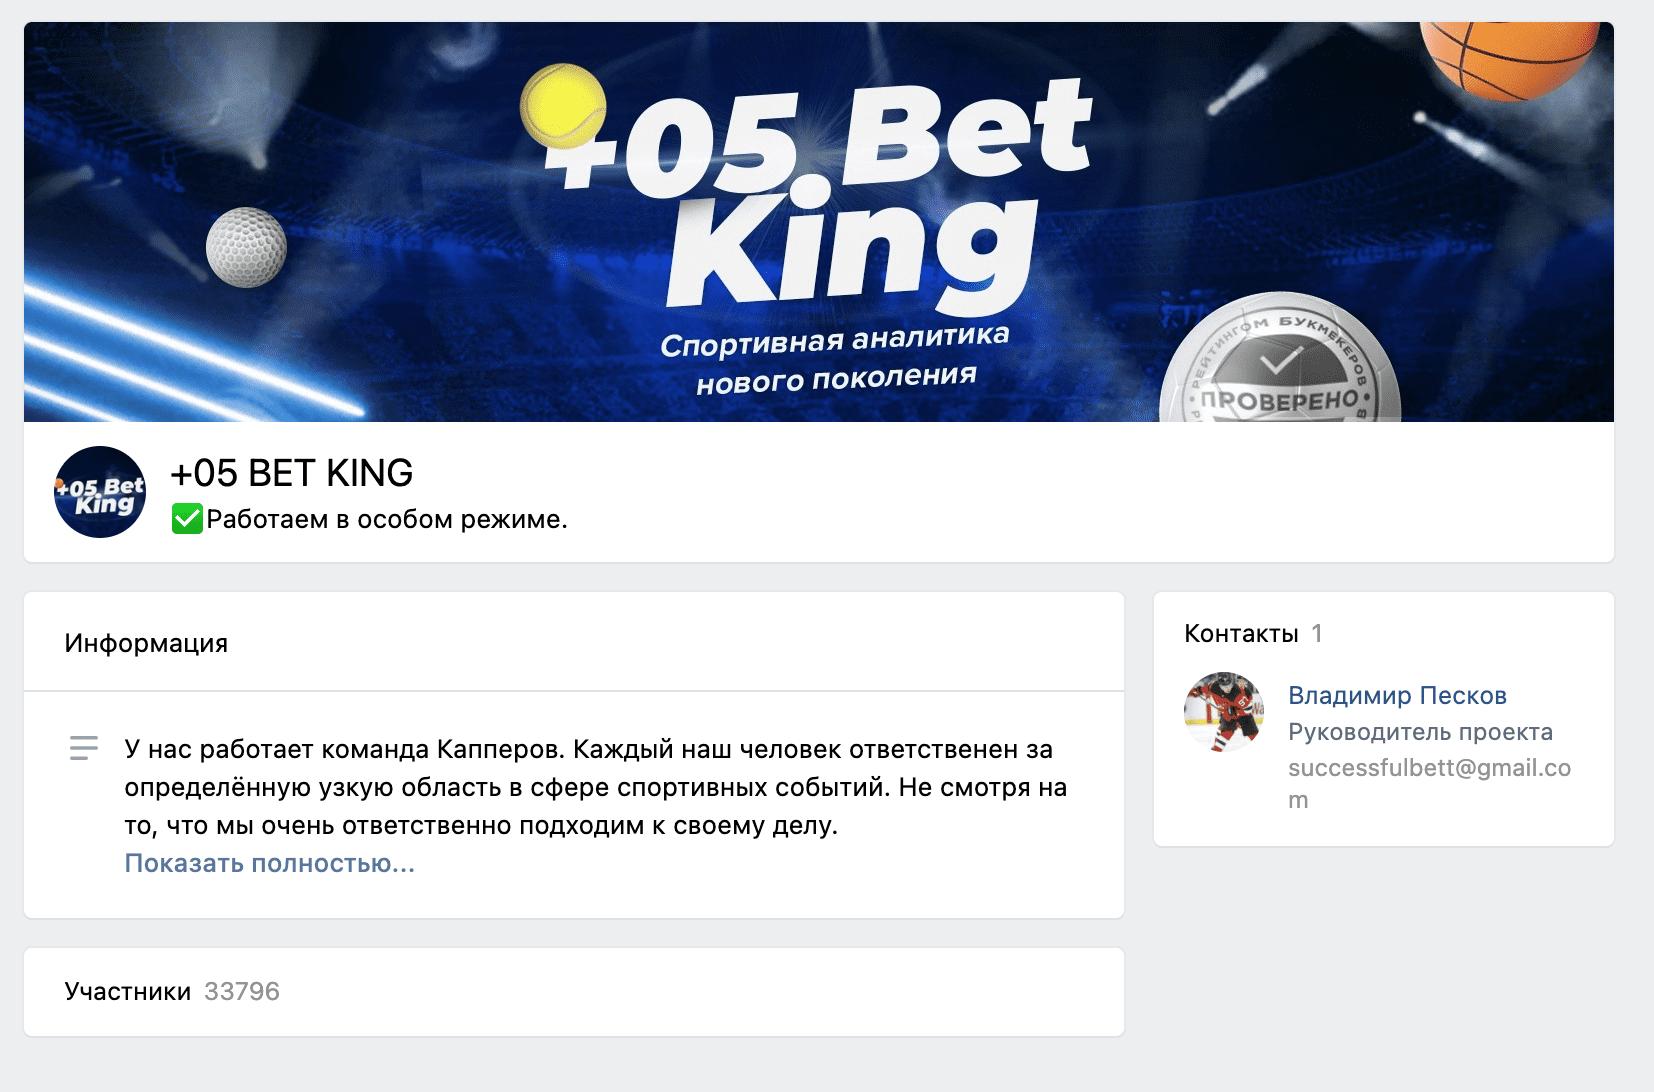 Группа ВК +05 Bet King TV